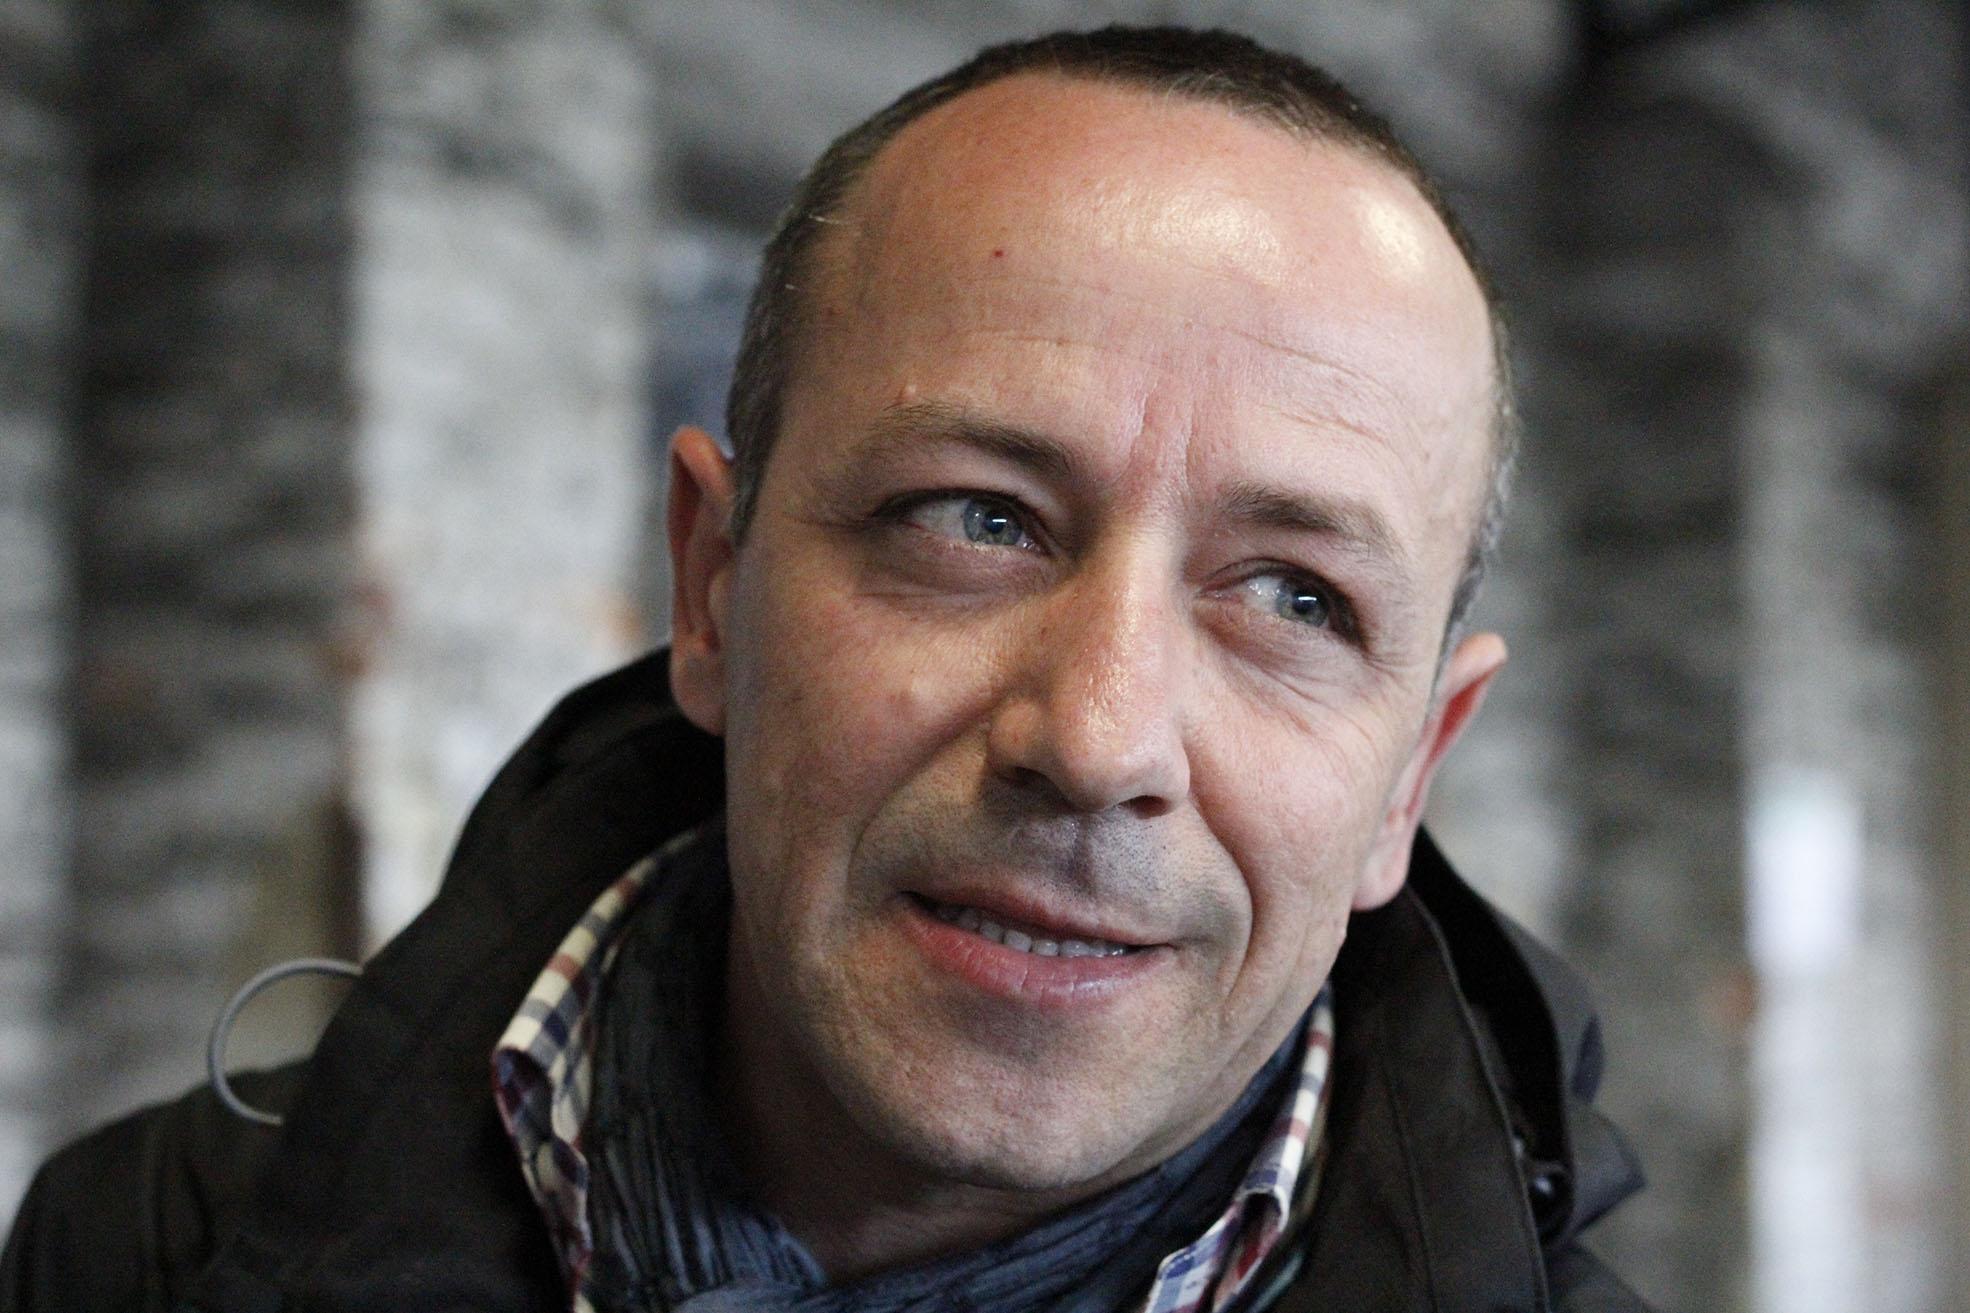 Bernardo Giorgi, artist (Photo: Paolo Bergmann)